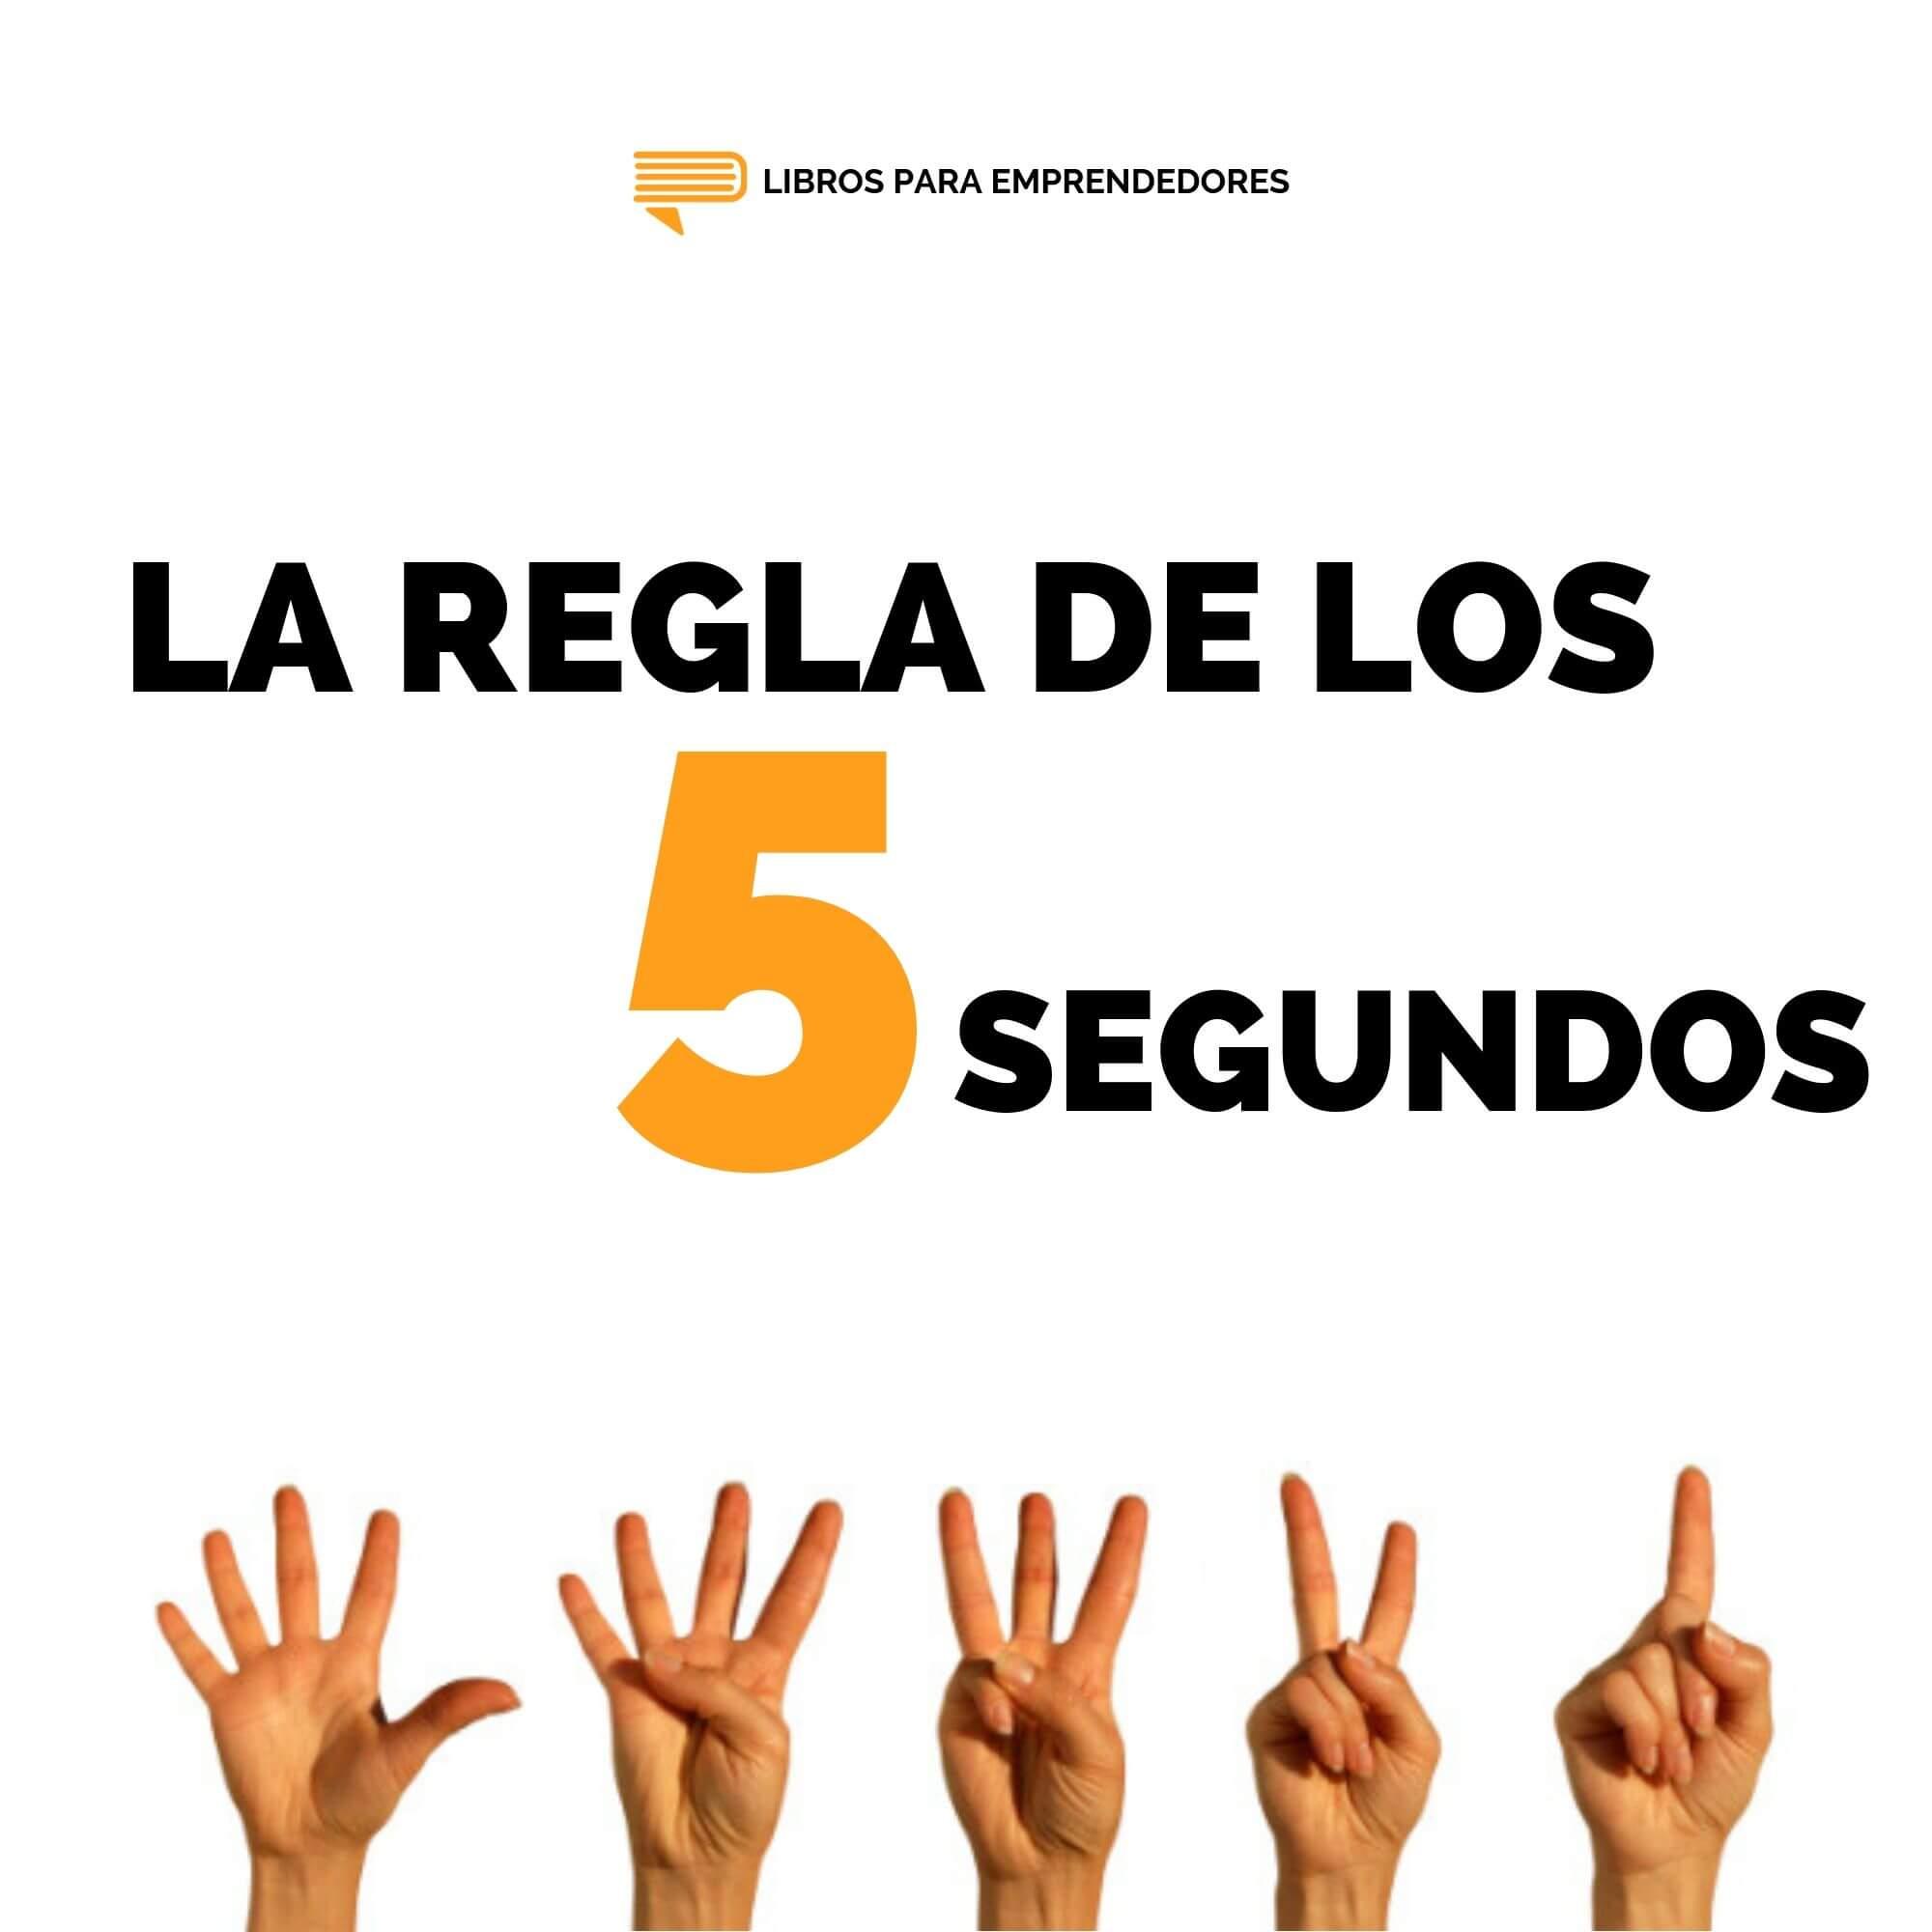 #113 La Regla de los 5 Segundos - Un Resumen de Libros para Emprendedores